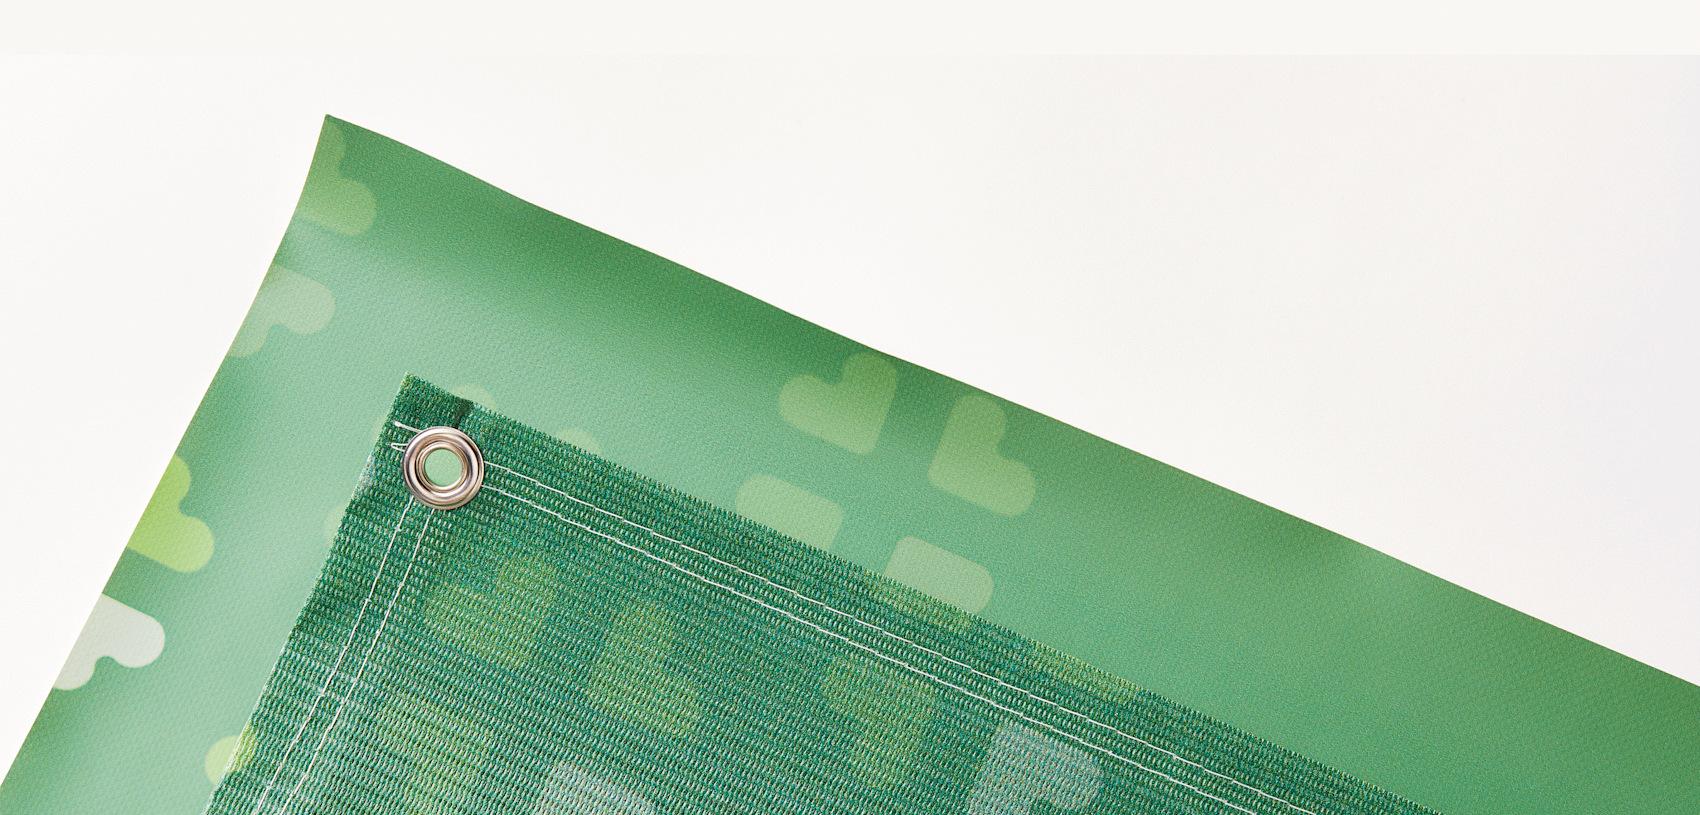 custom green fence banner